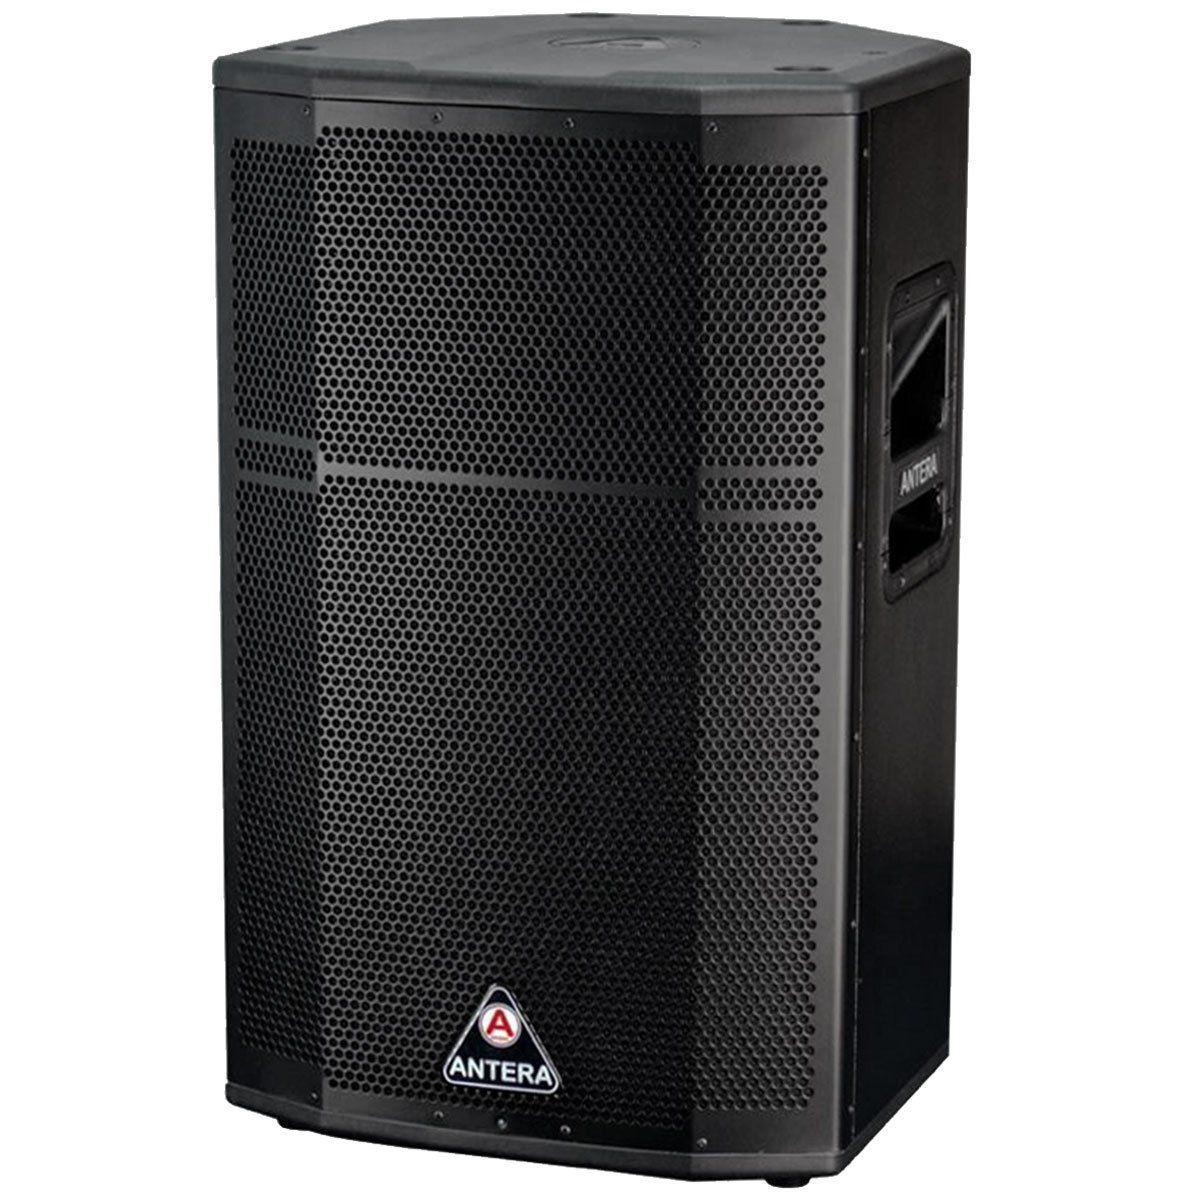 Caixa Ativa Fal 15 Pol 500W c/ FLY - HPS 15 A Antera